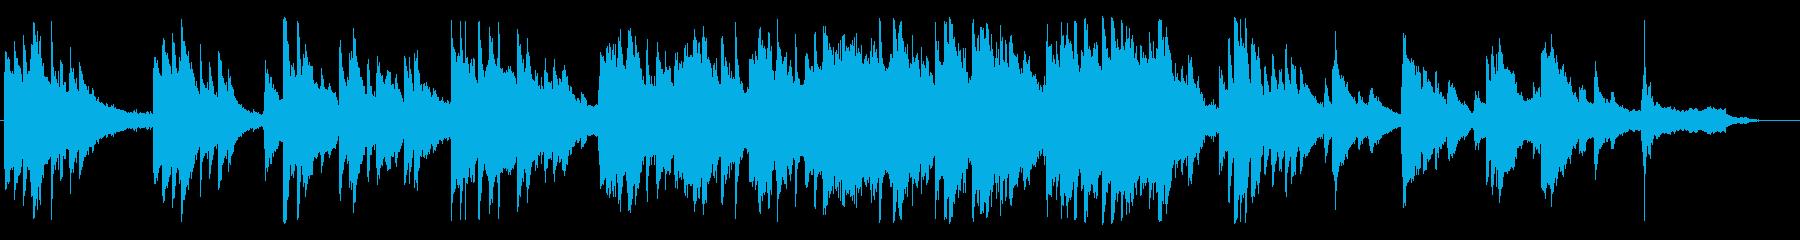 切なく、透き通るようなピアノBGMの再生済みの波形